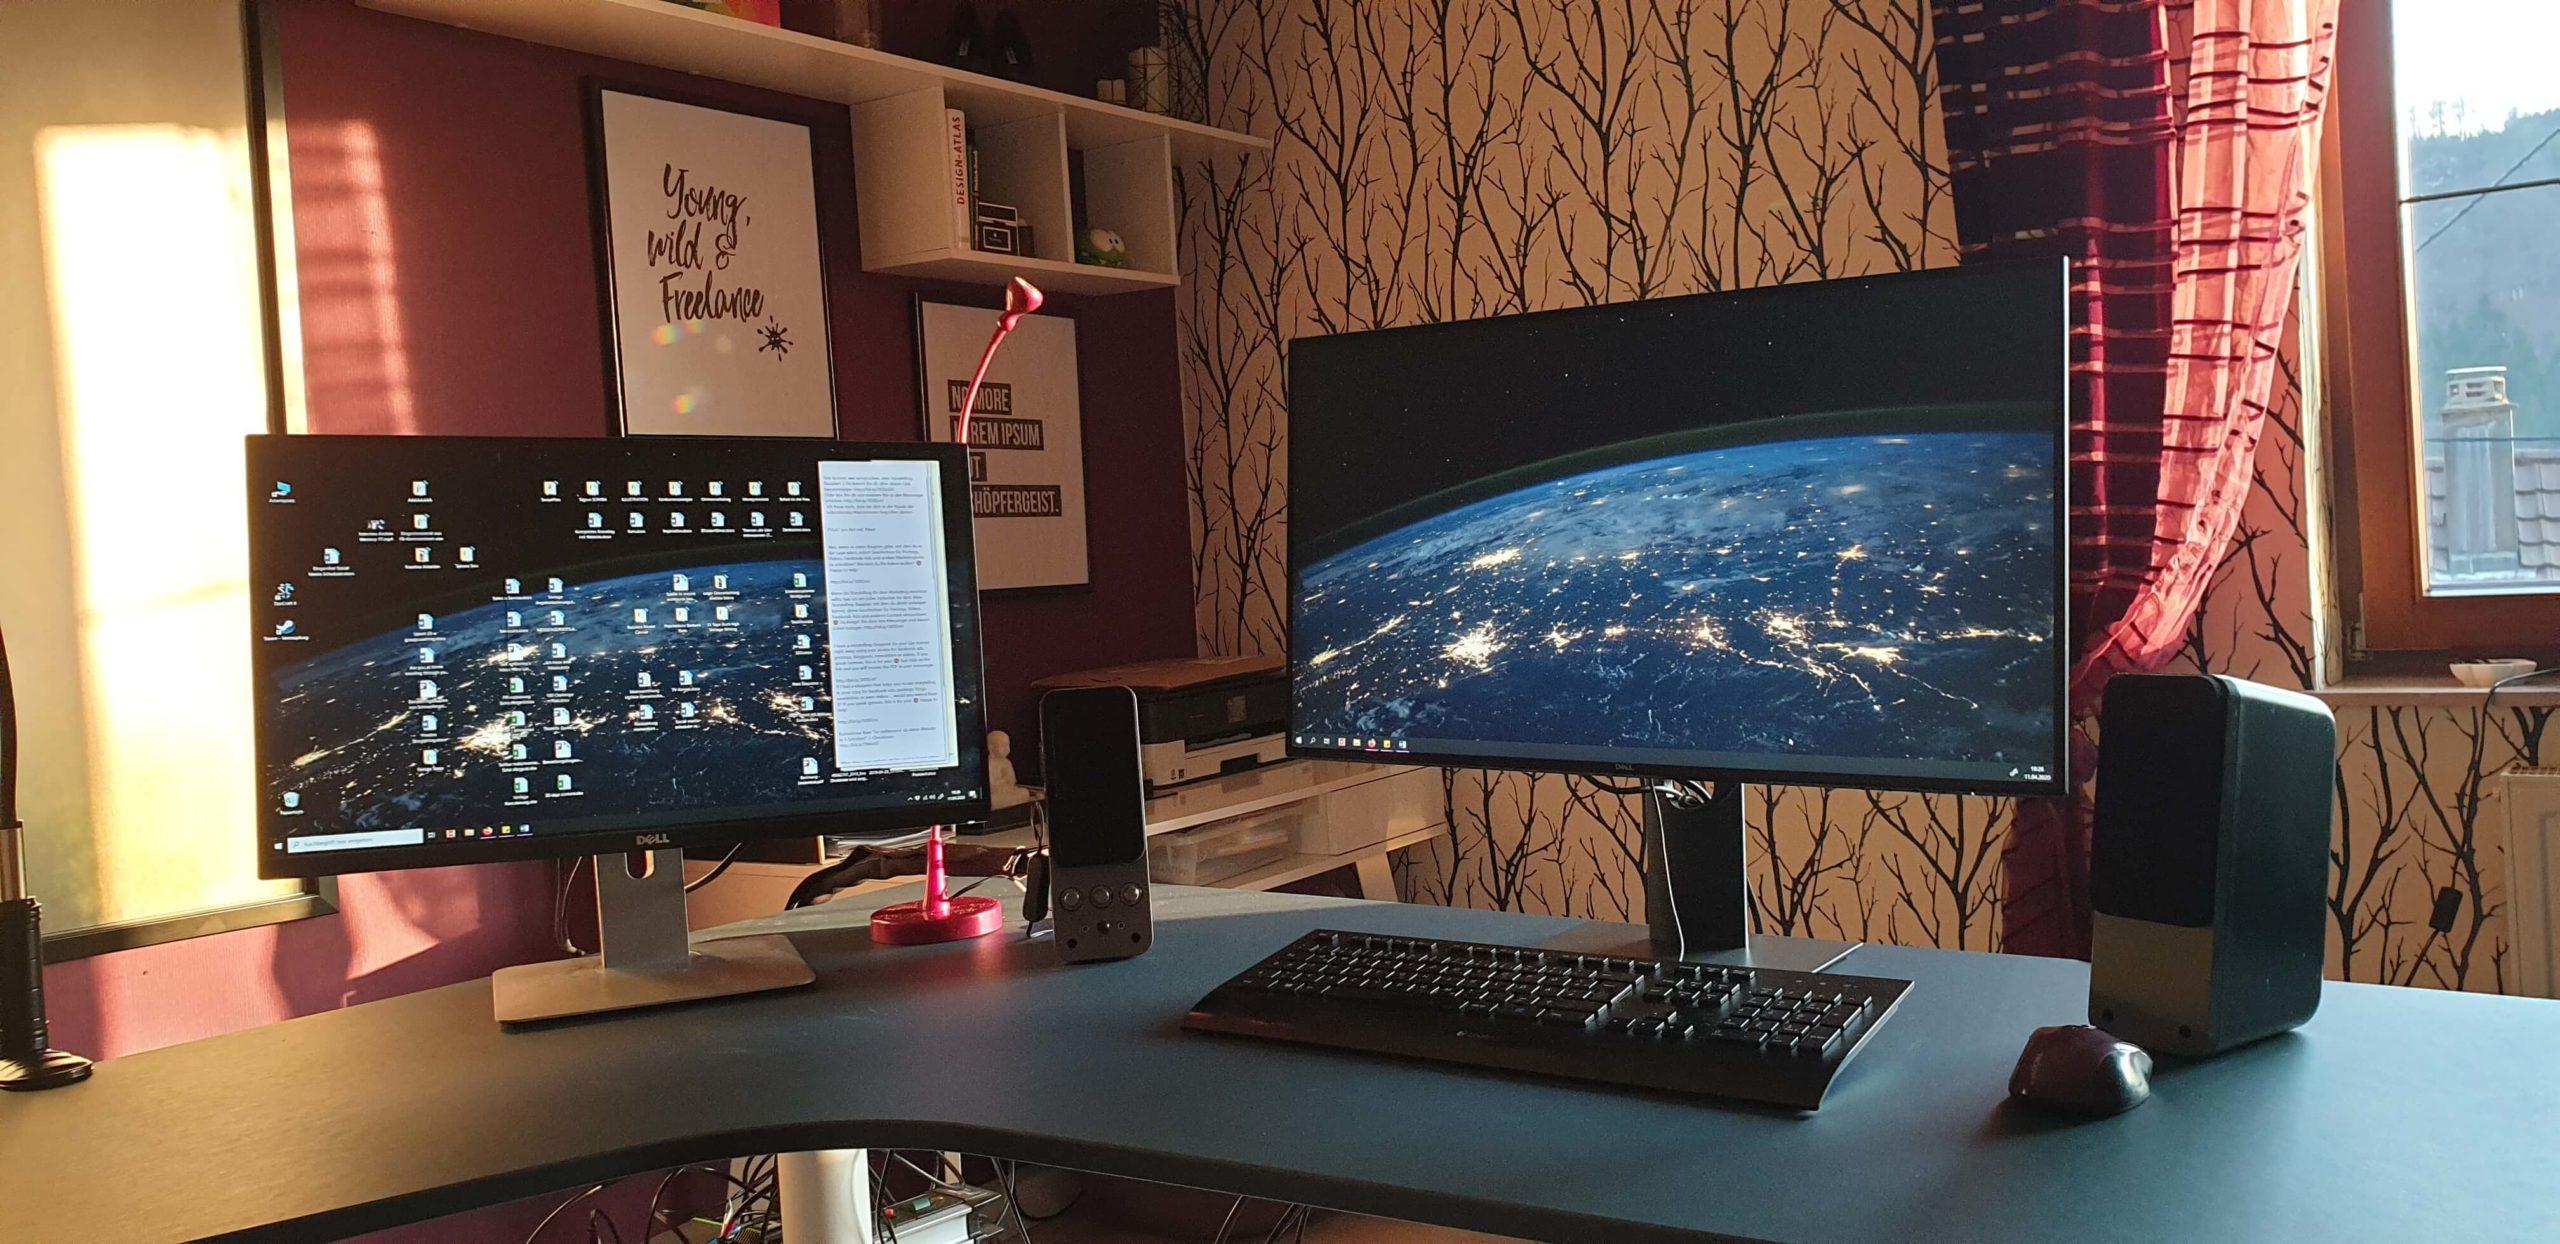 Ein neuer Monitor war fällig! Selbstständig online arbeiten mit Höhen und Tiefen: Ein Jahresrückblick auf 2020 von Schöpfergeist Anne Retter.